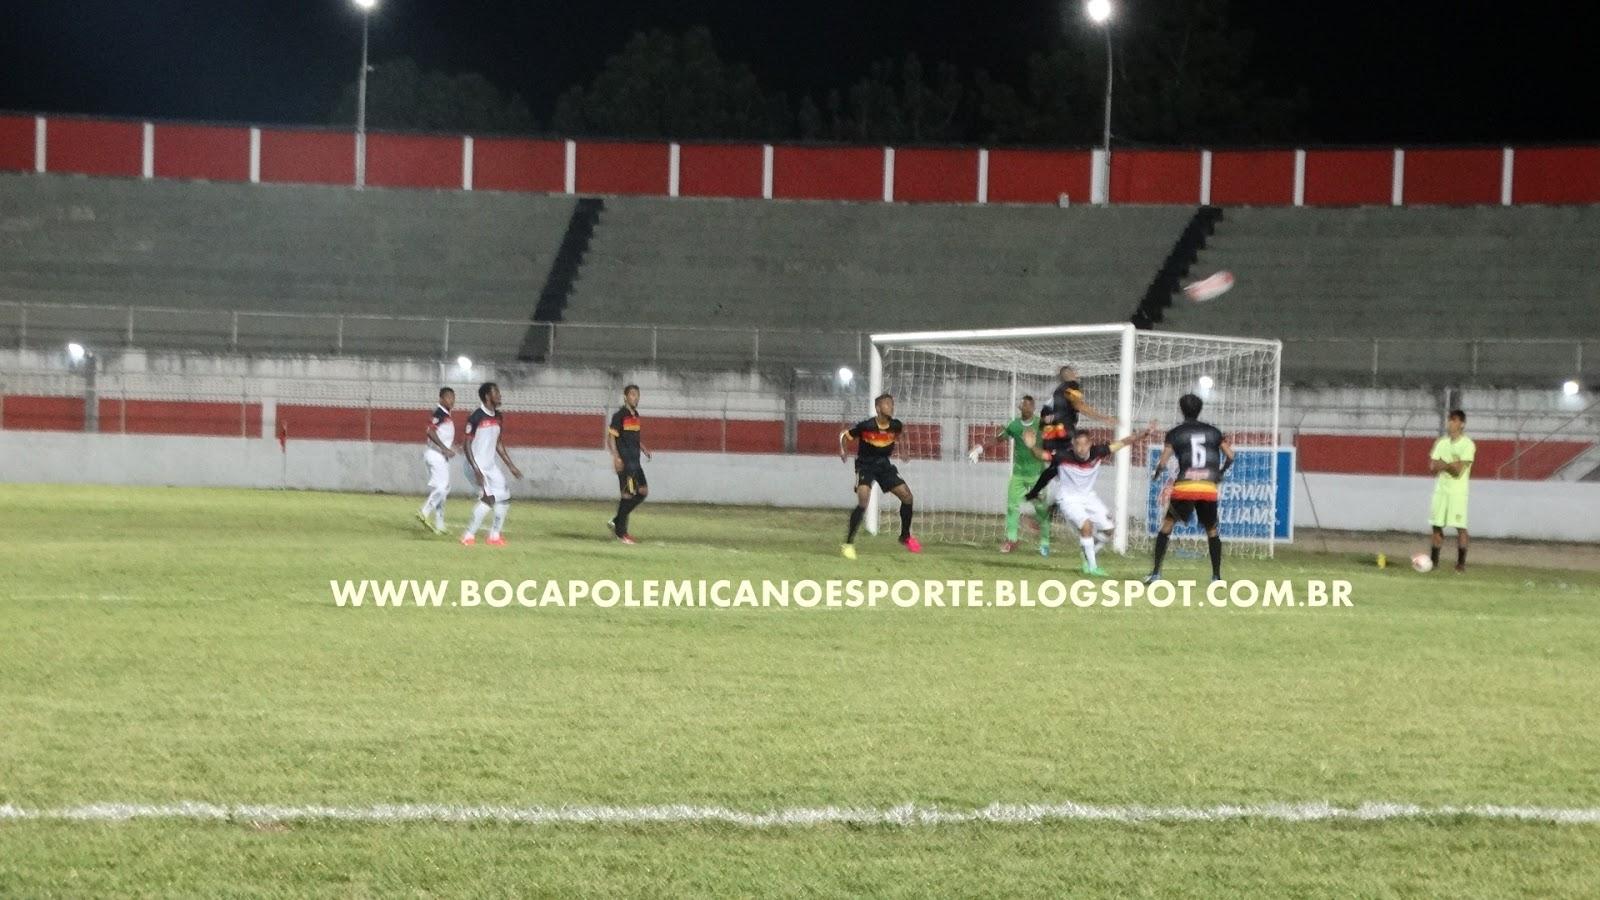 54a5c2af56 Campeonato Baiano da Série B  Teixeira de Freitas vence a Catuense ...